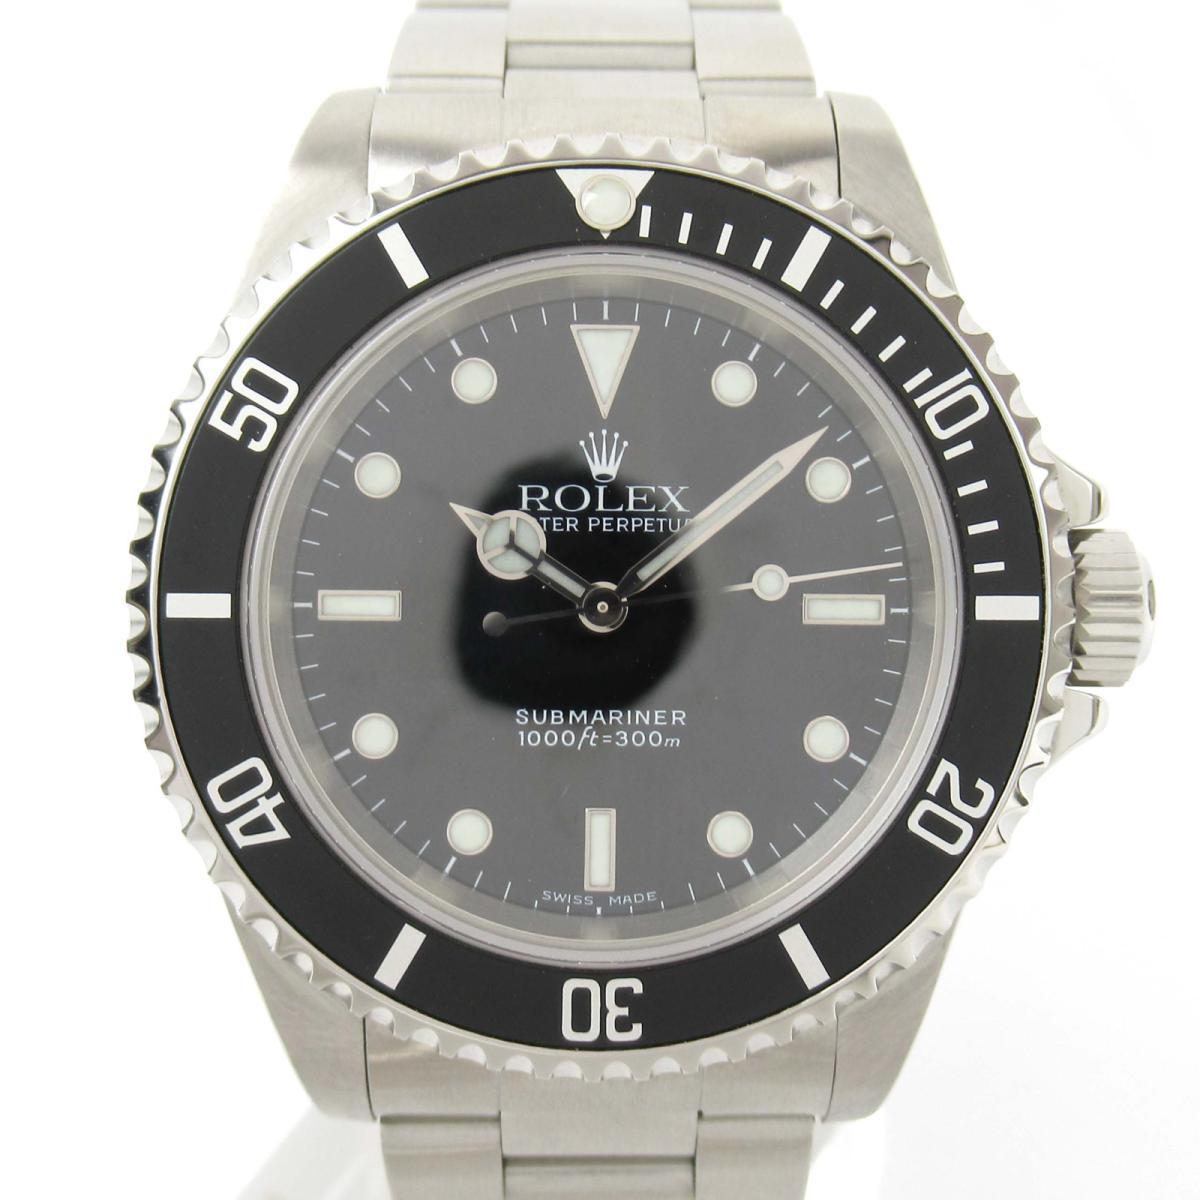 【中古】 ロレックス サブマリーナ・ノンデイト ウォッチ 腕時計 メンズ ステンレススチール (SS) (14060M P番) | ROLEX BRANDOFF ブランドオフ ブランド ブランド時計 ブランド腕時計 時計